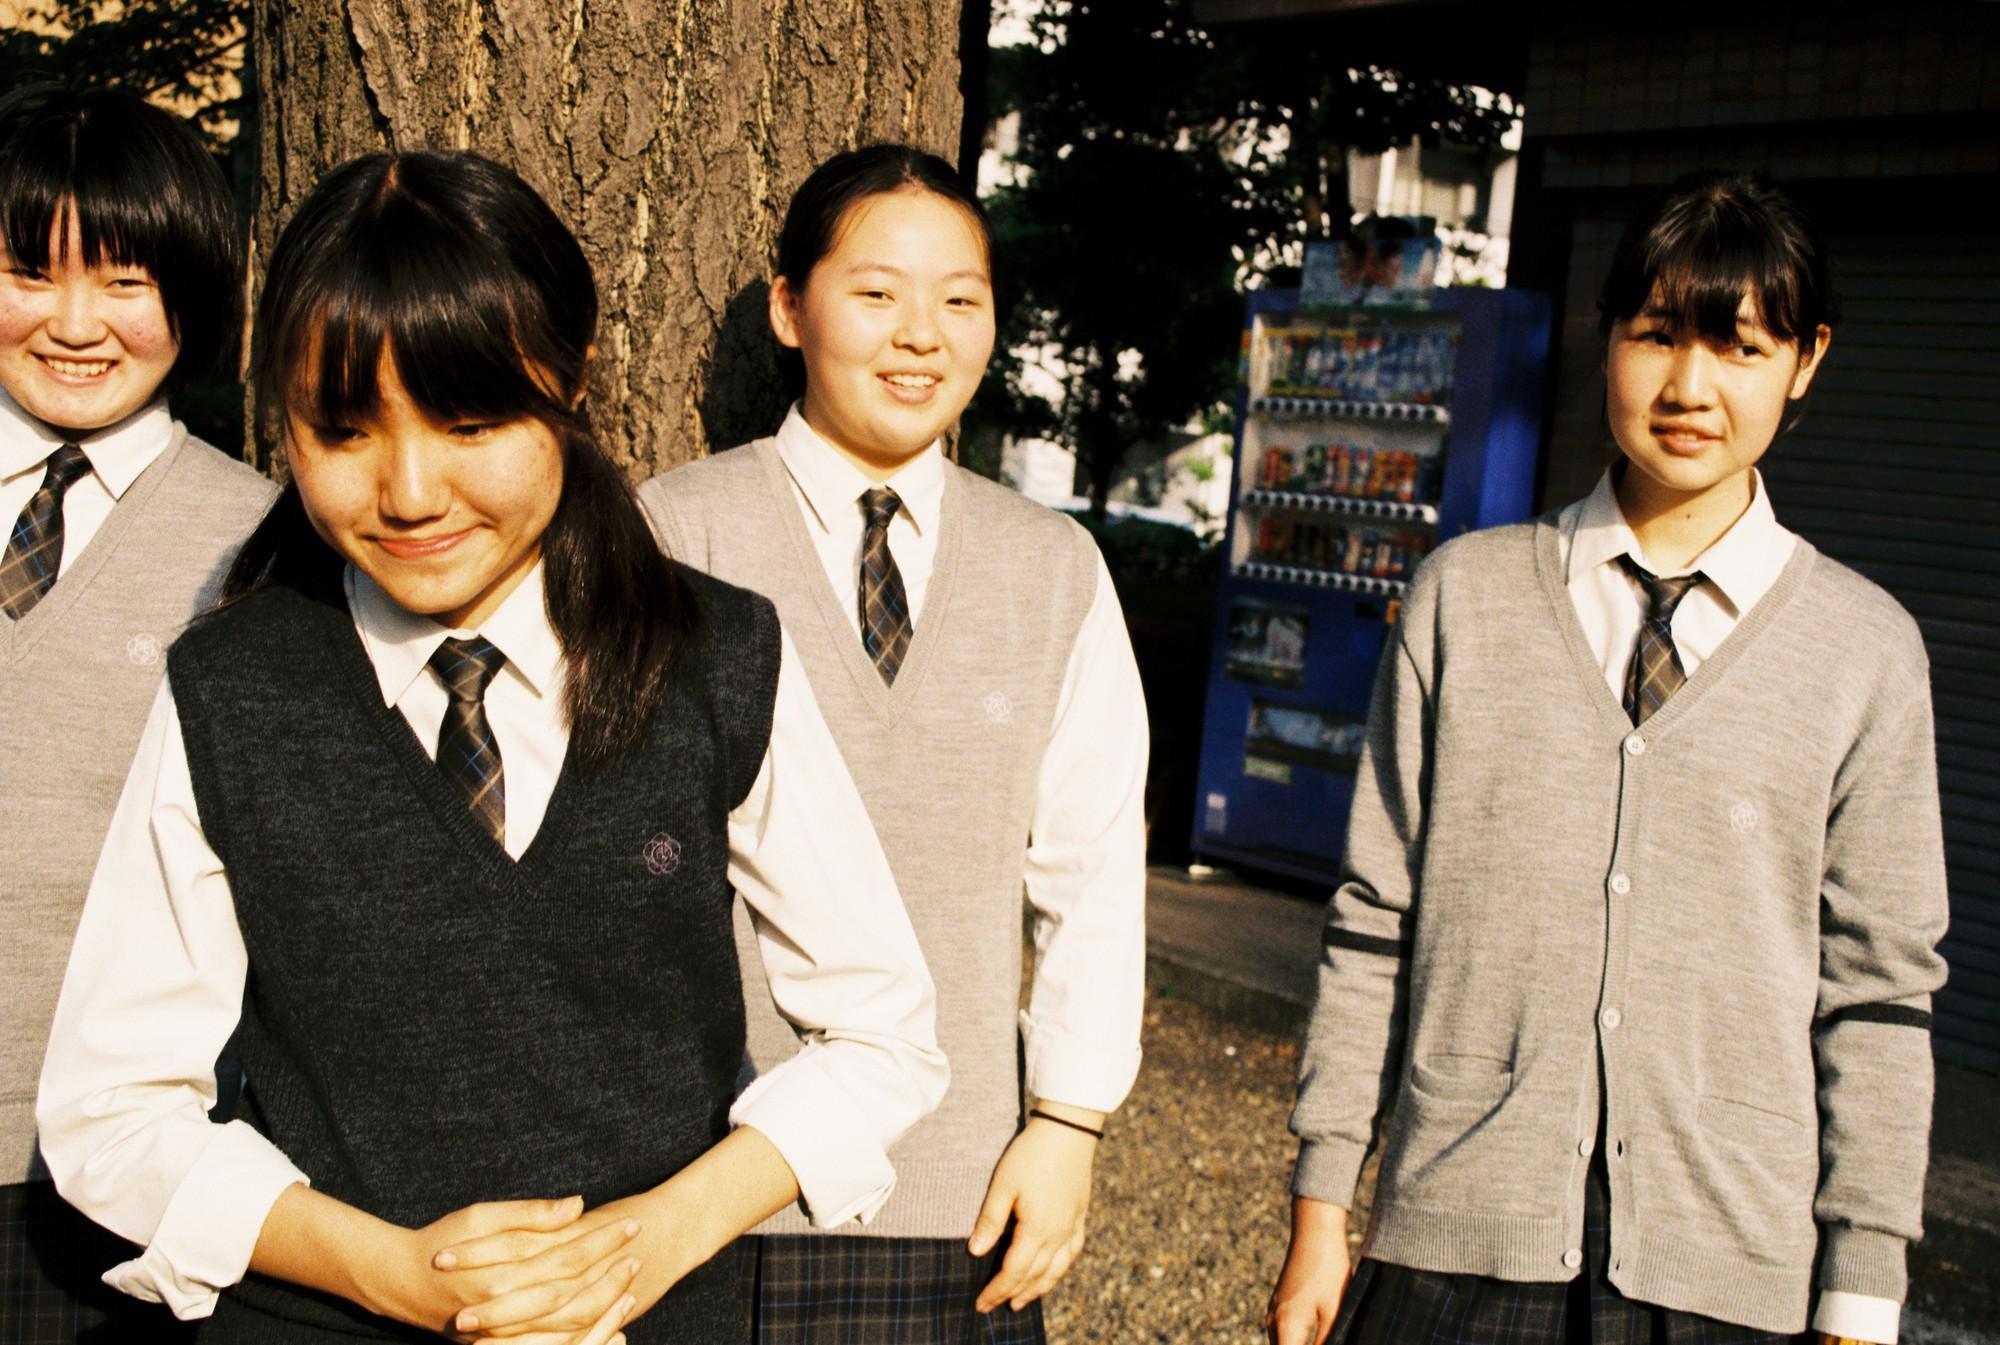 Bộ ảnh độc đáo lột tả cuộc sống nữ sinh trung học Nhật Bản những giờ phút bên ngoài giảng đường - Ảnh 7.